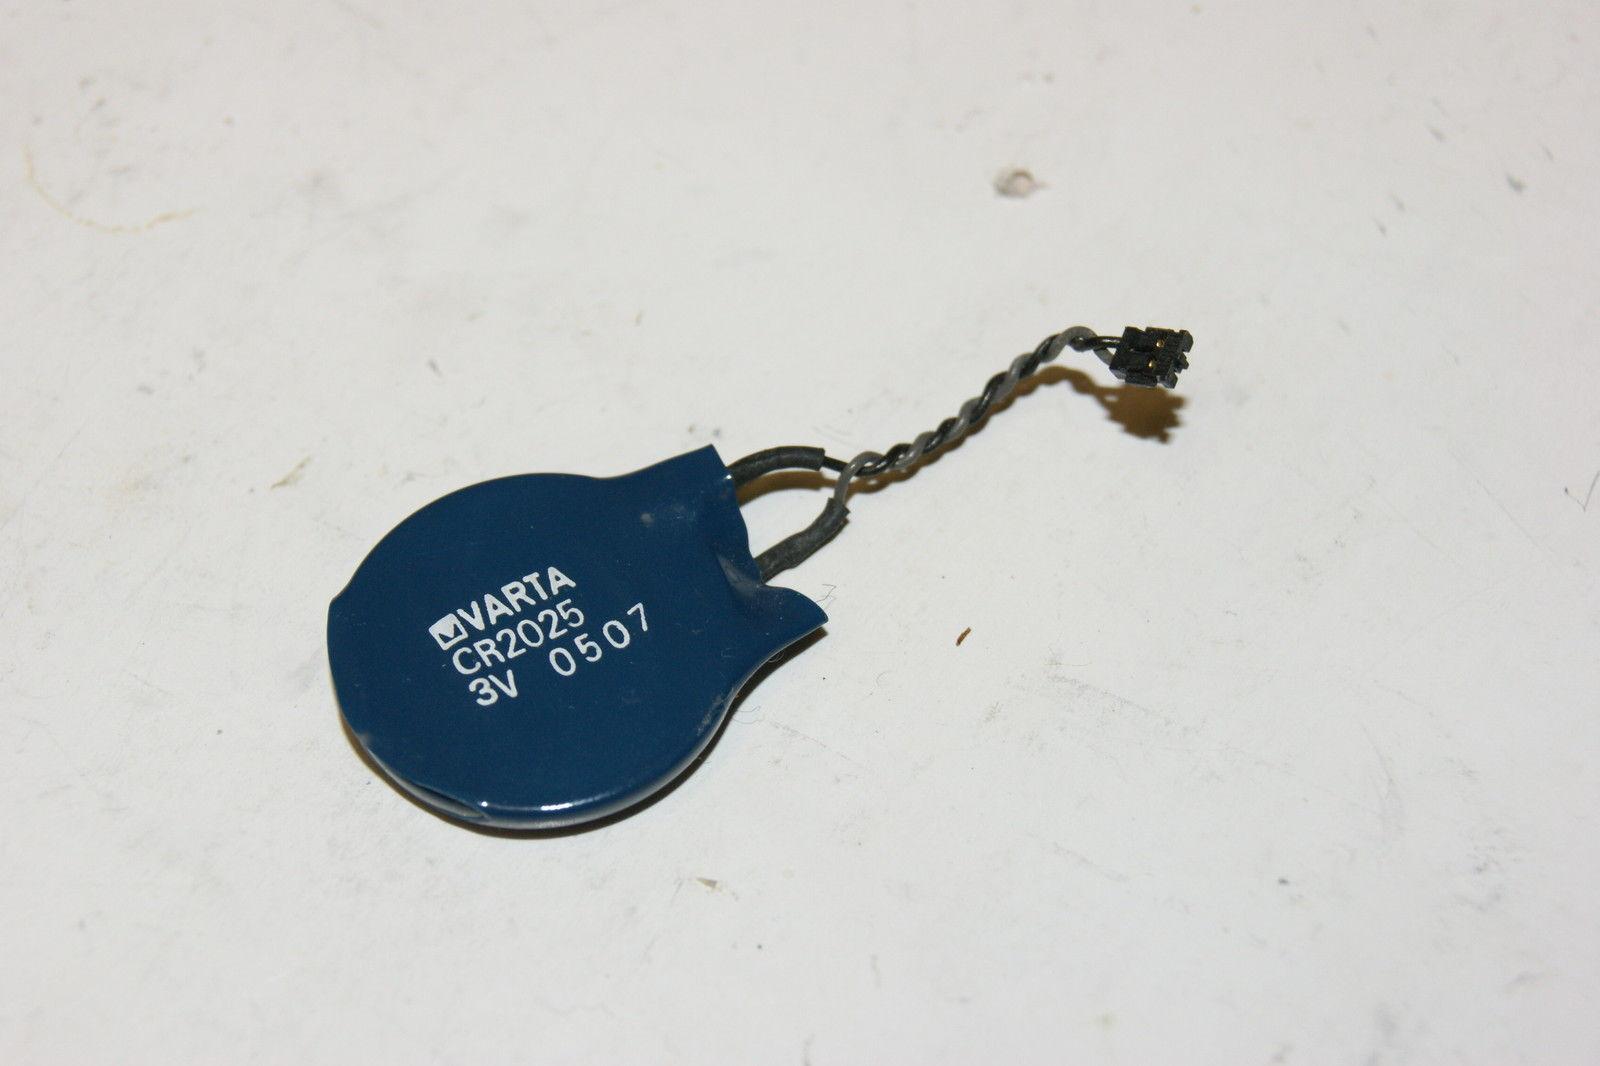 piezasdeportatil.es - Pila de litio para portatil CR2025 Apple Macbook c - www.piezasdeportatil.es - Venta de repuestos y piezas de port�tiles de todas las marcas